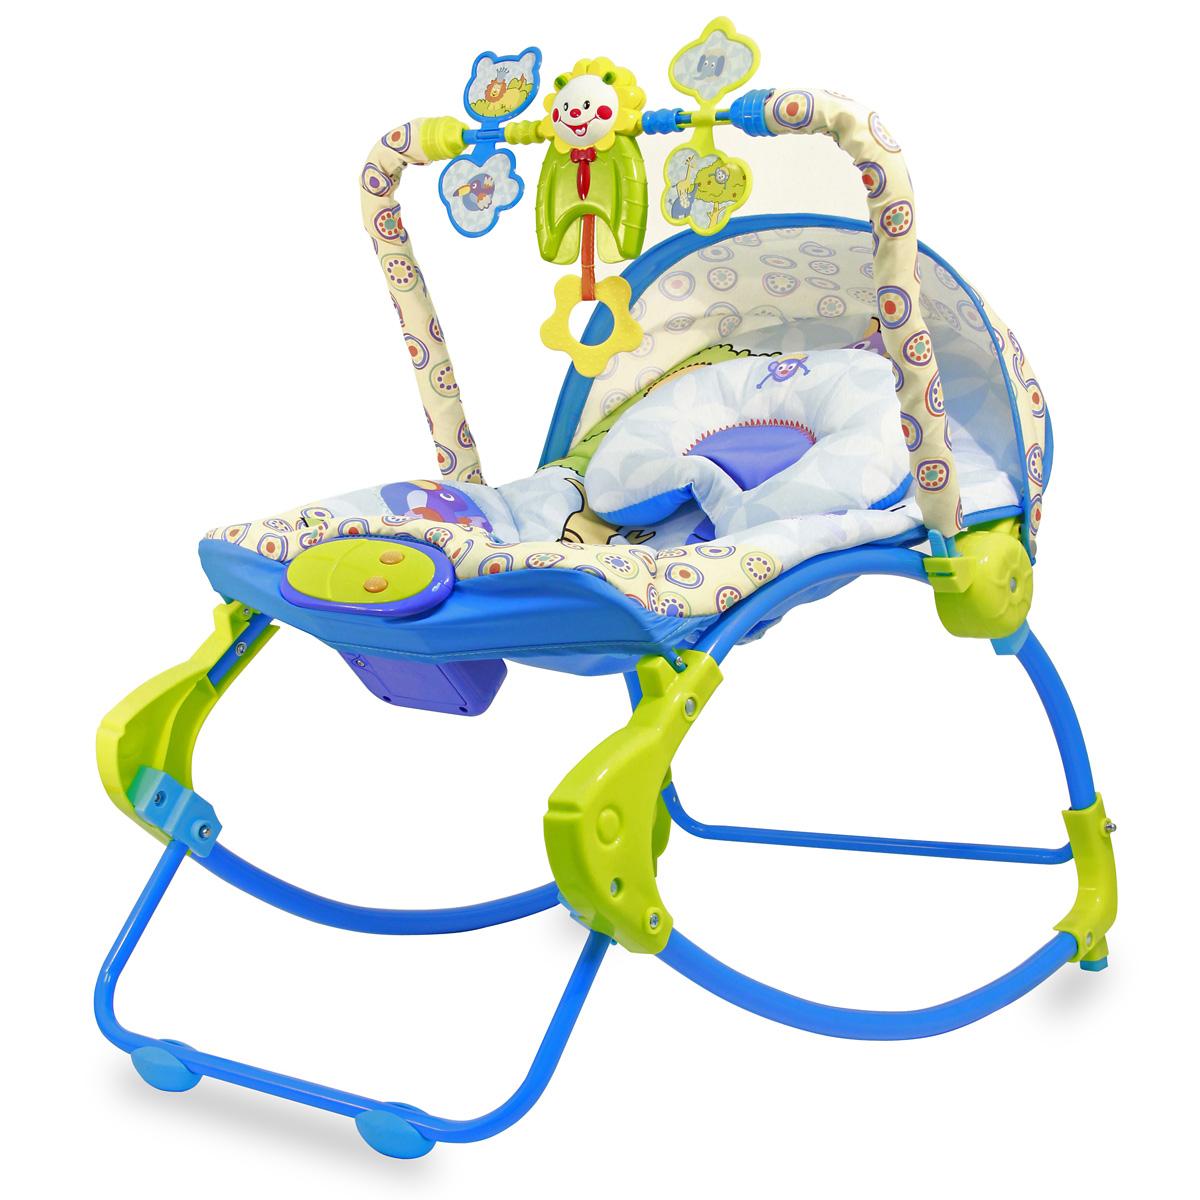 Шезлонг для новорожденных Ути Пути 42244, 42244 игрушки для новорожденных по месяцам фото